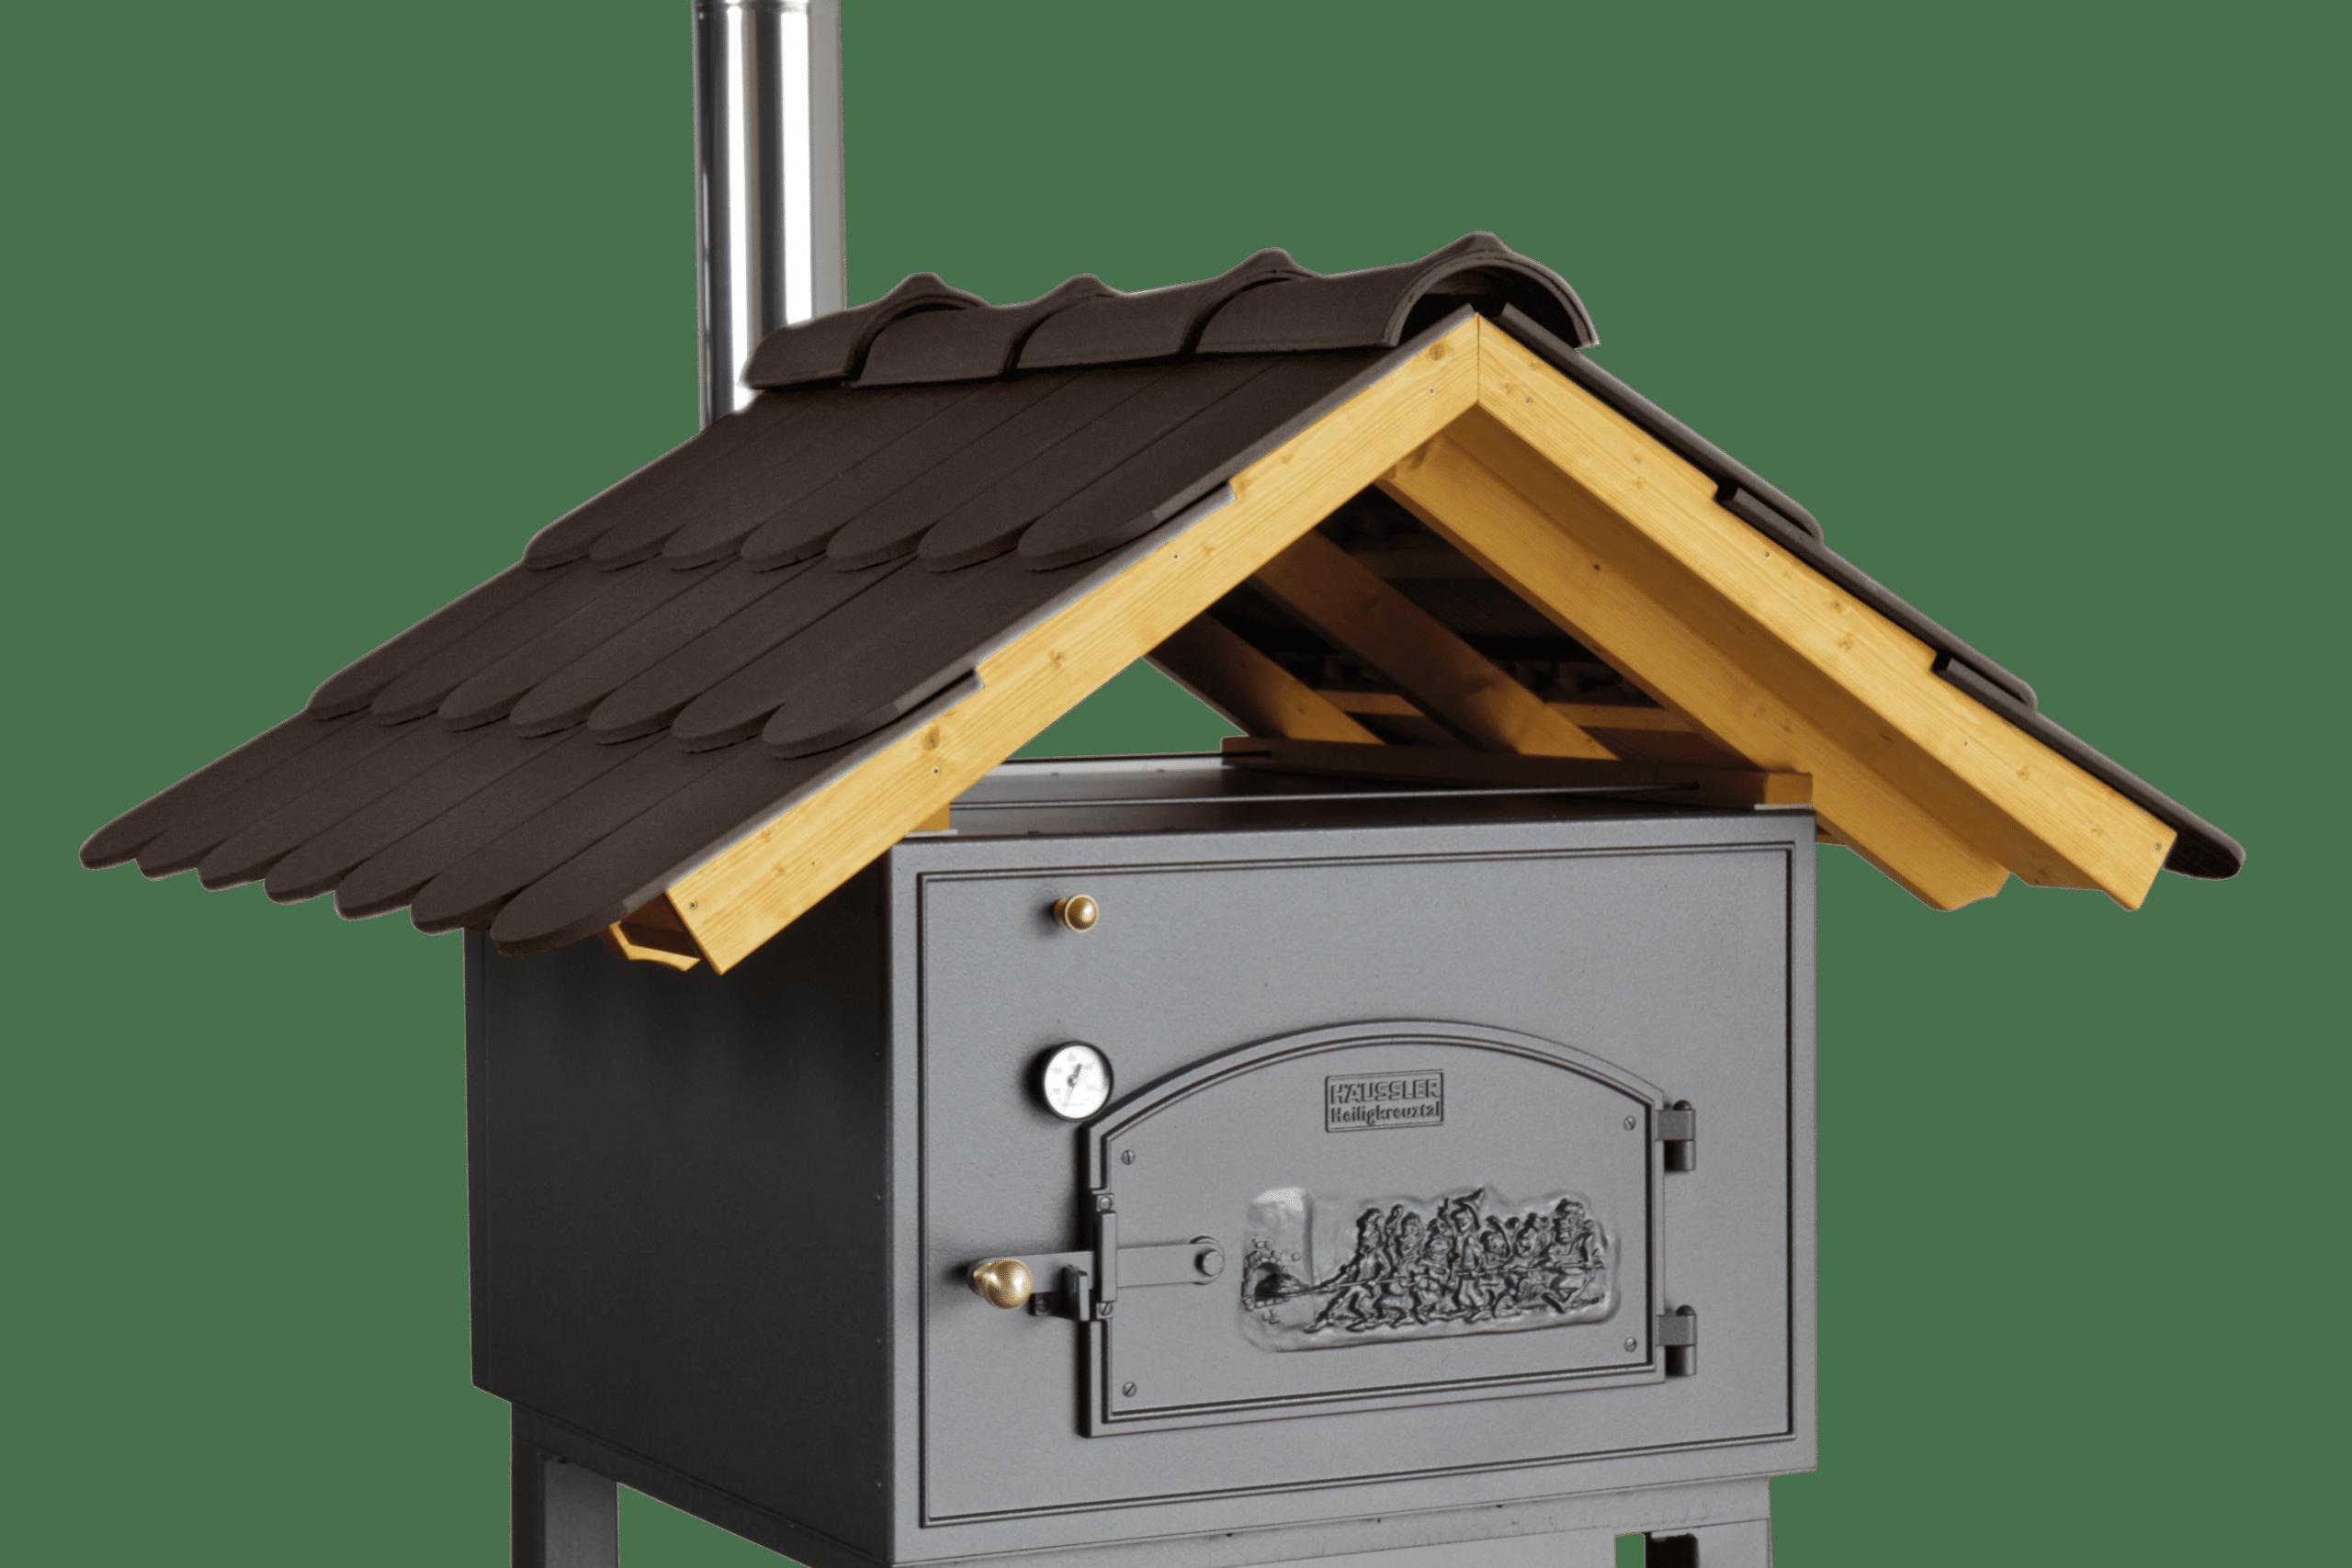 Häussler Dach für HABO Holzbackofen